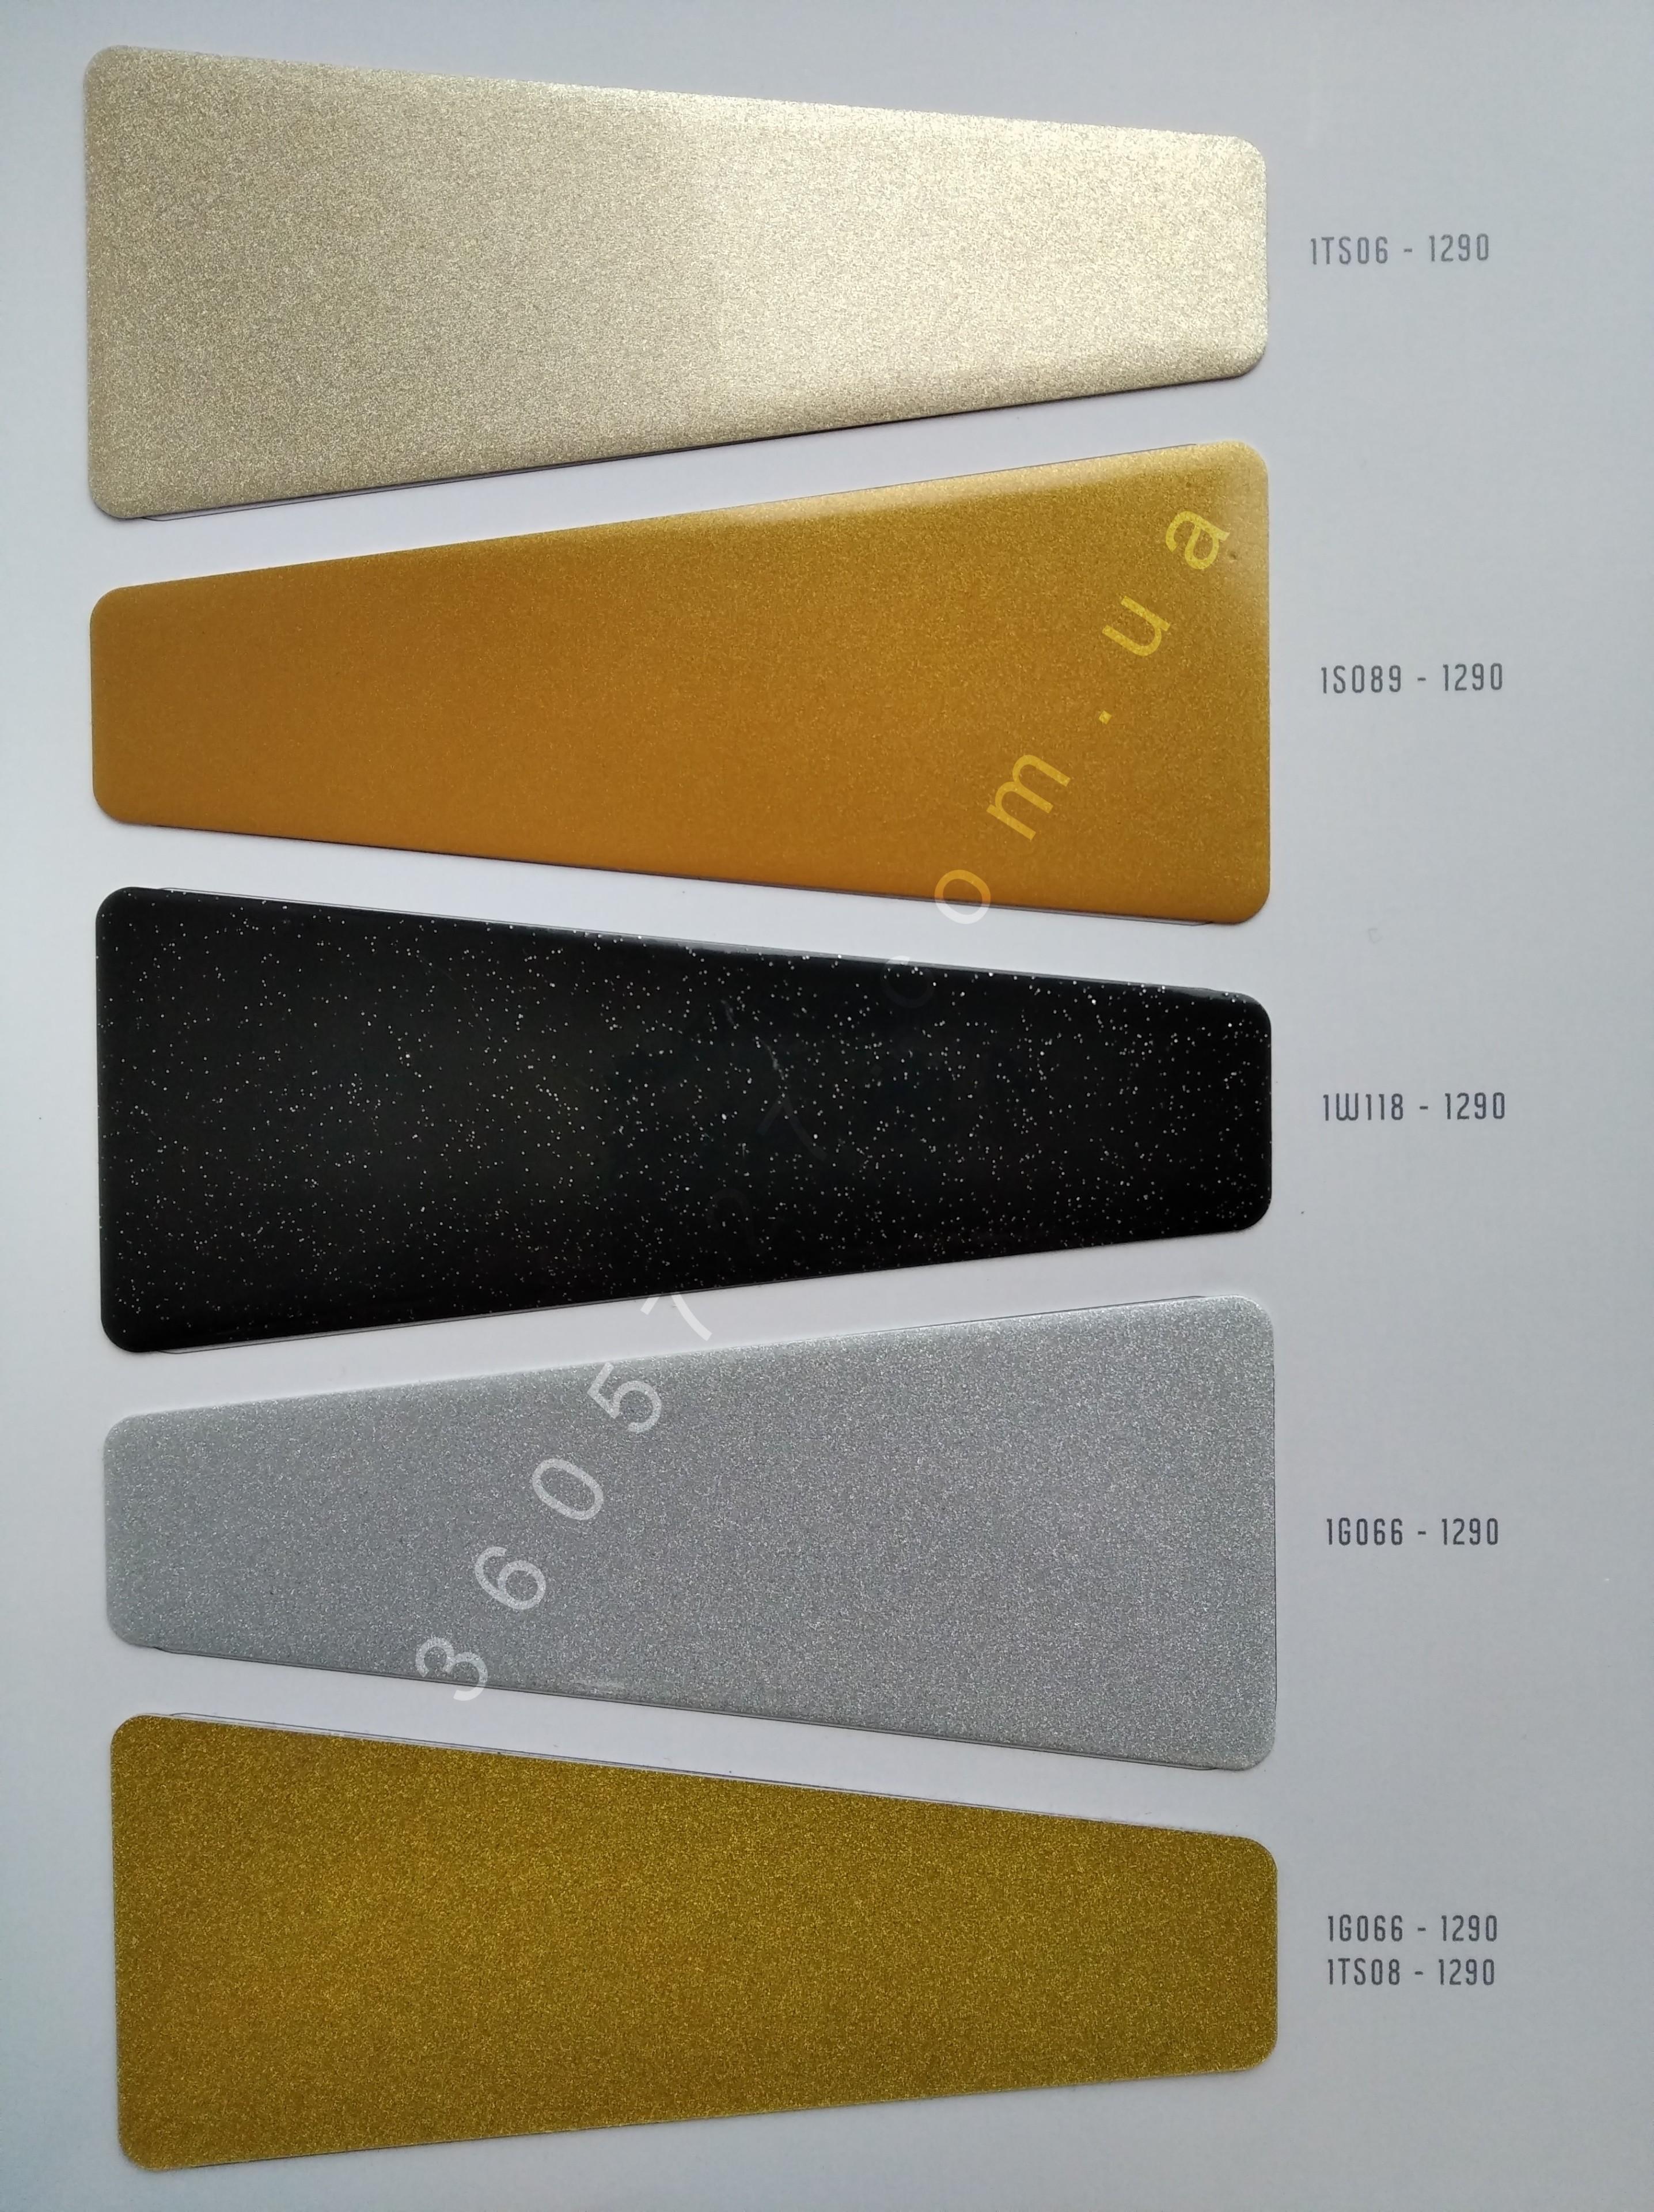 порошковые краски купить, Порошковые краски Etika фото 5